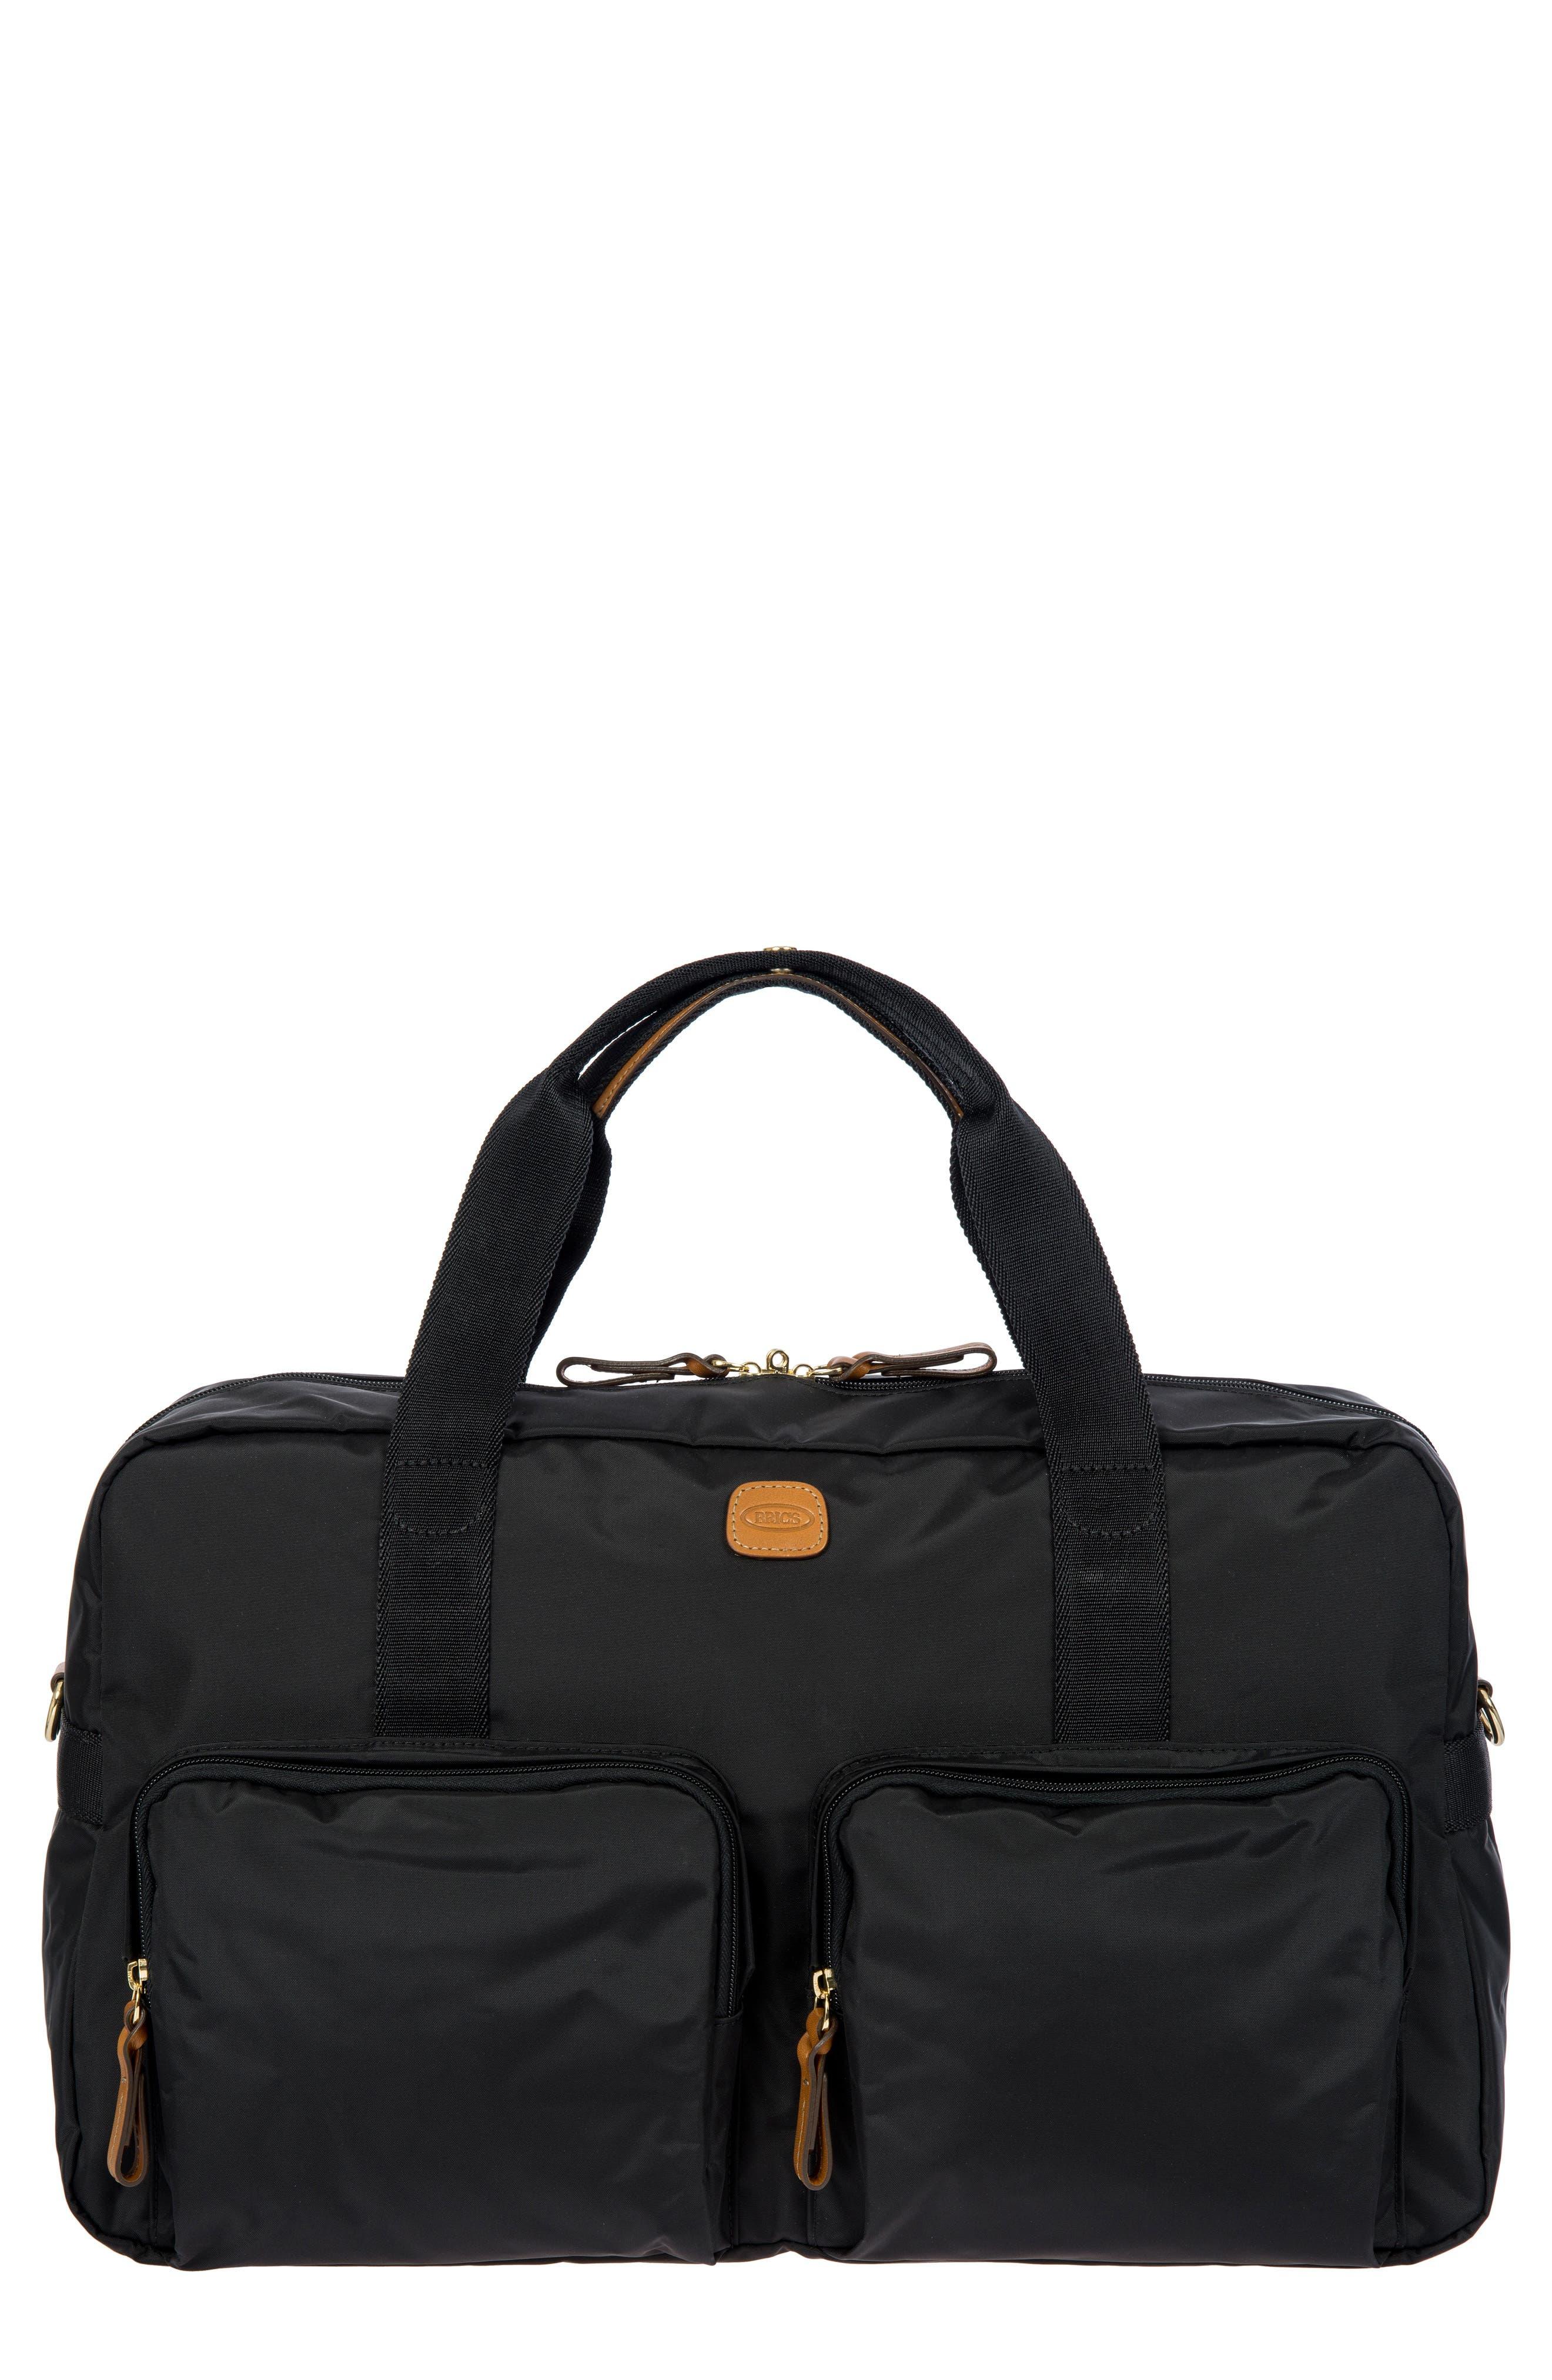 X-Bag Boarding 18-Inch Duffel Bag,                         Main,                         color, Black